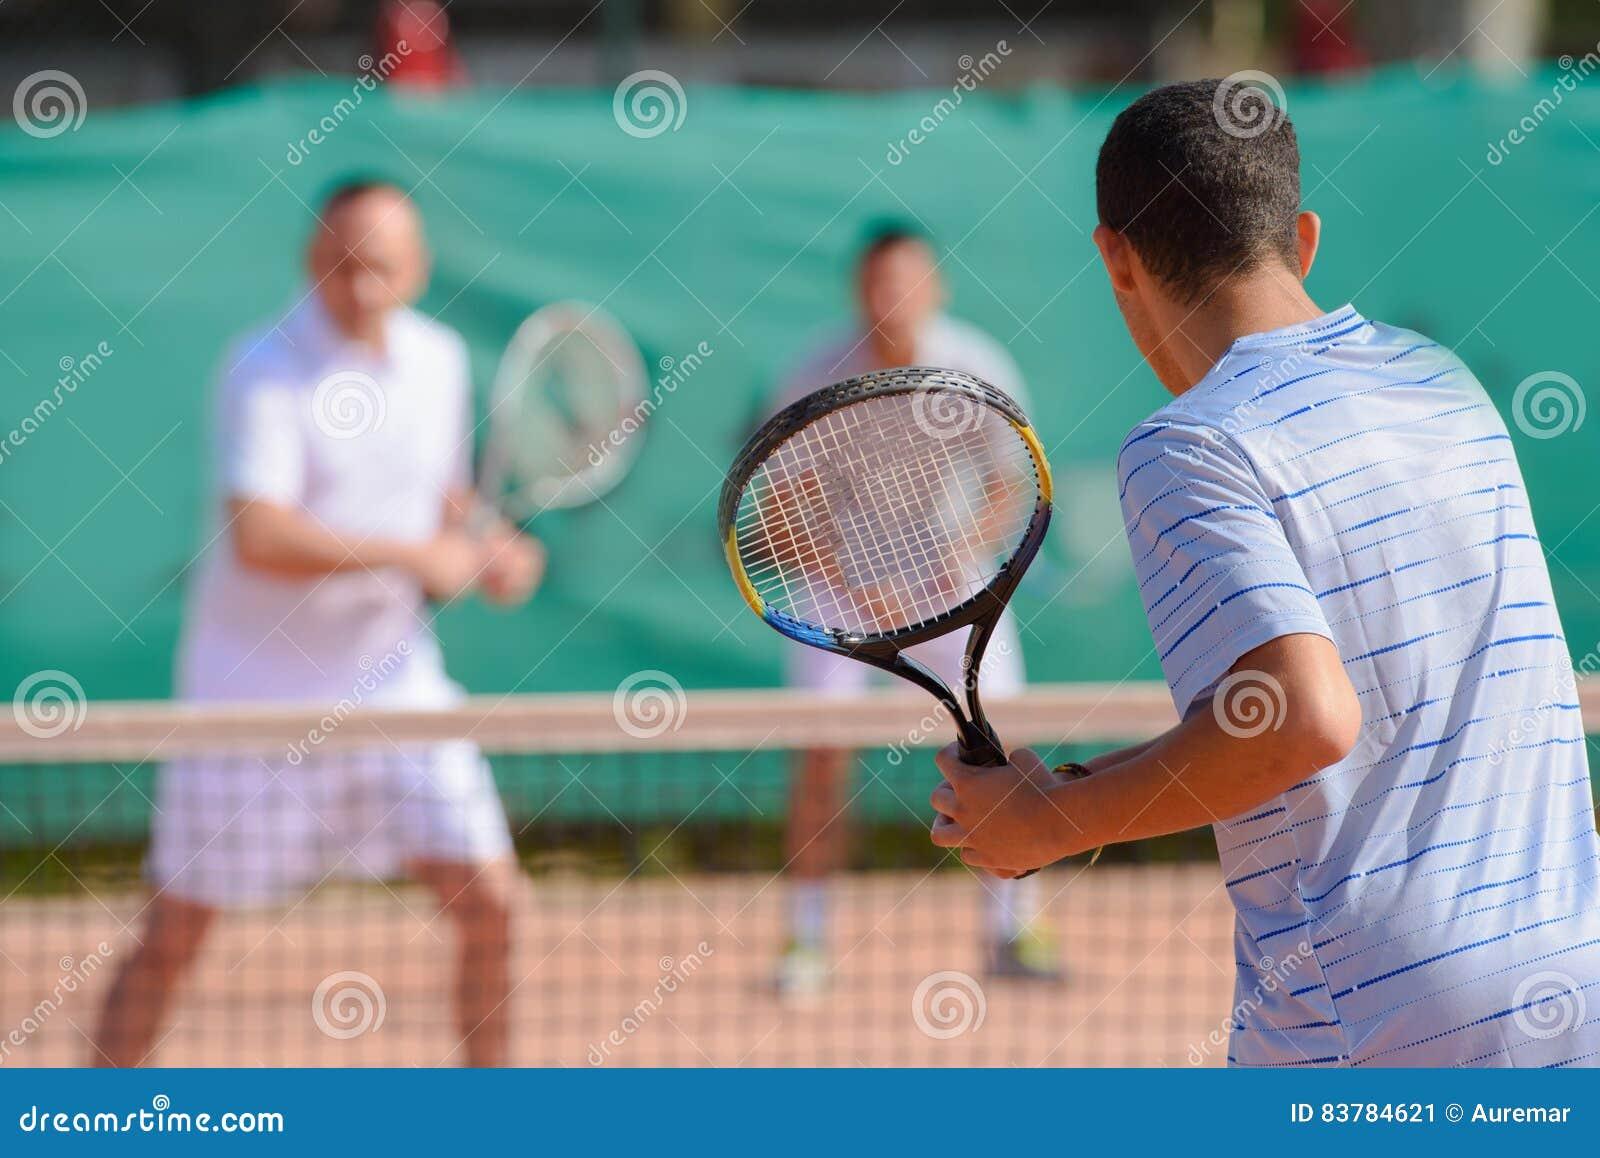 Hombres que juegan a tenis del juego de los dobles